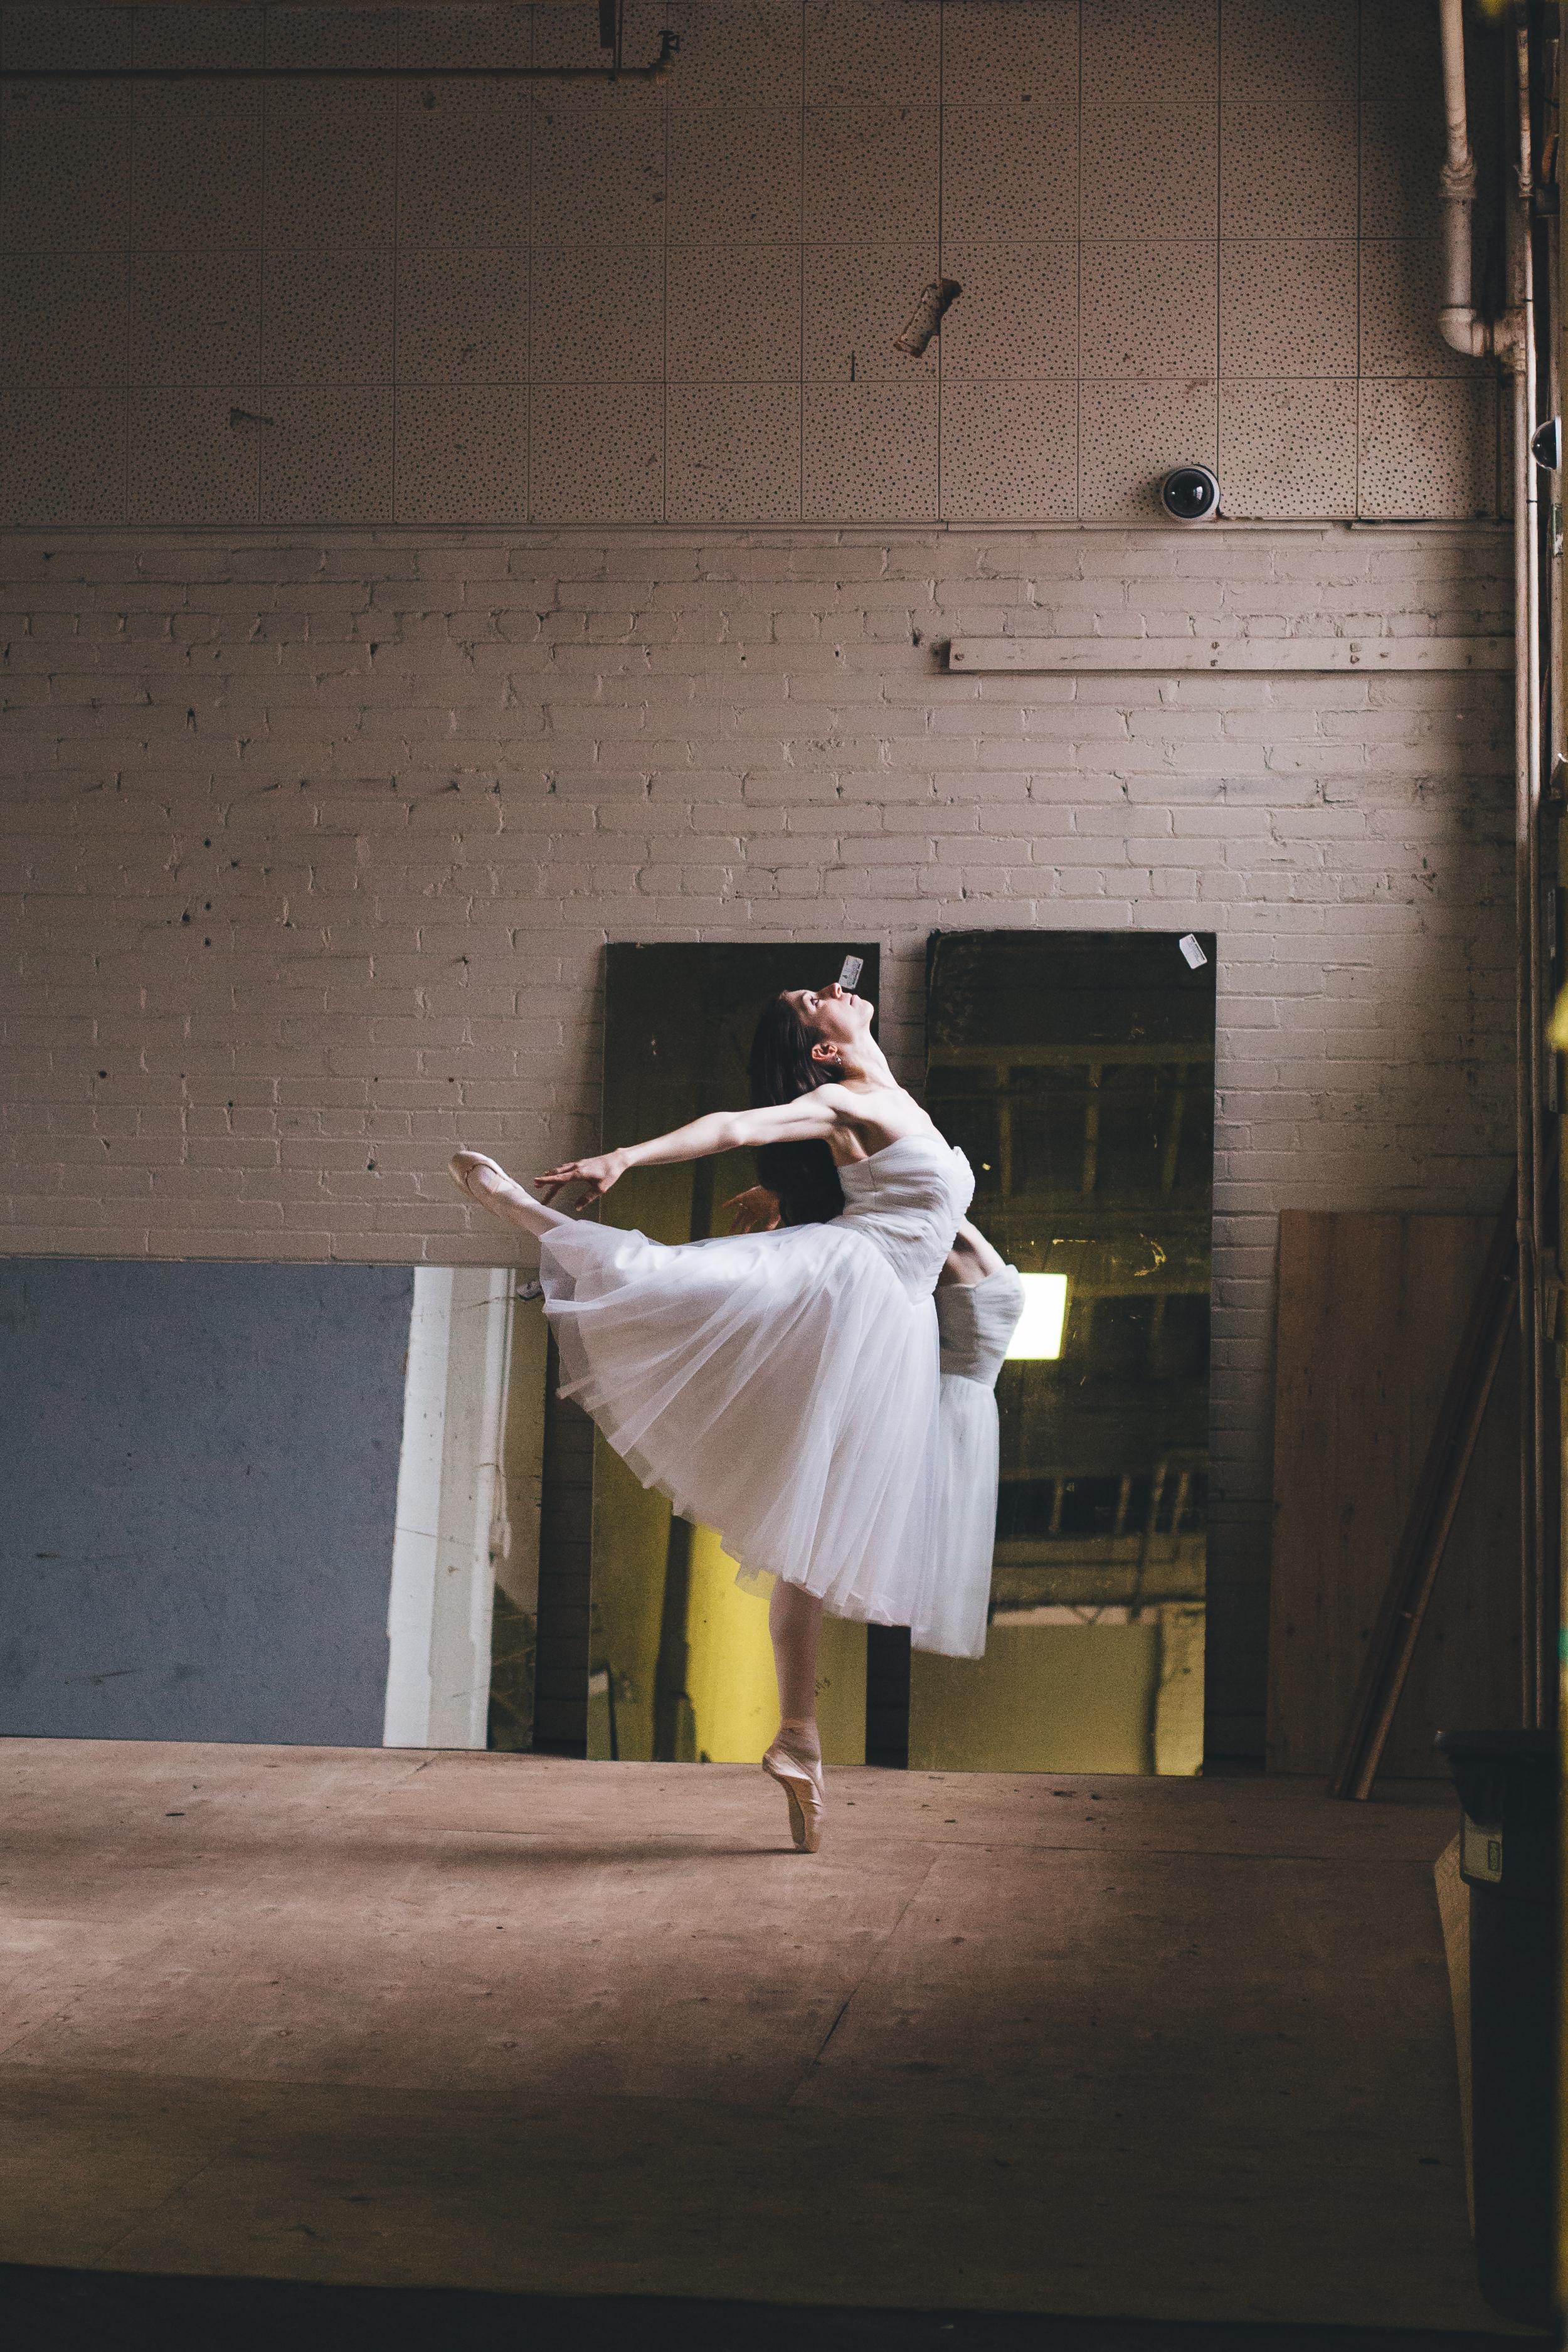 dayton-cincinnati-dance-senior-portrait-photographer-fine-art-11.jpg